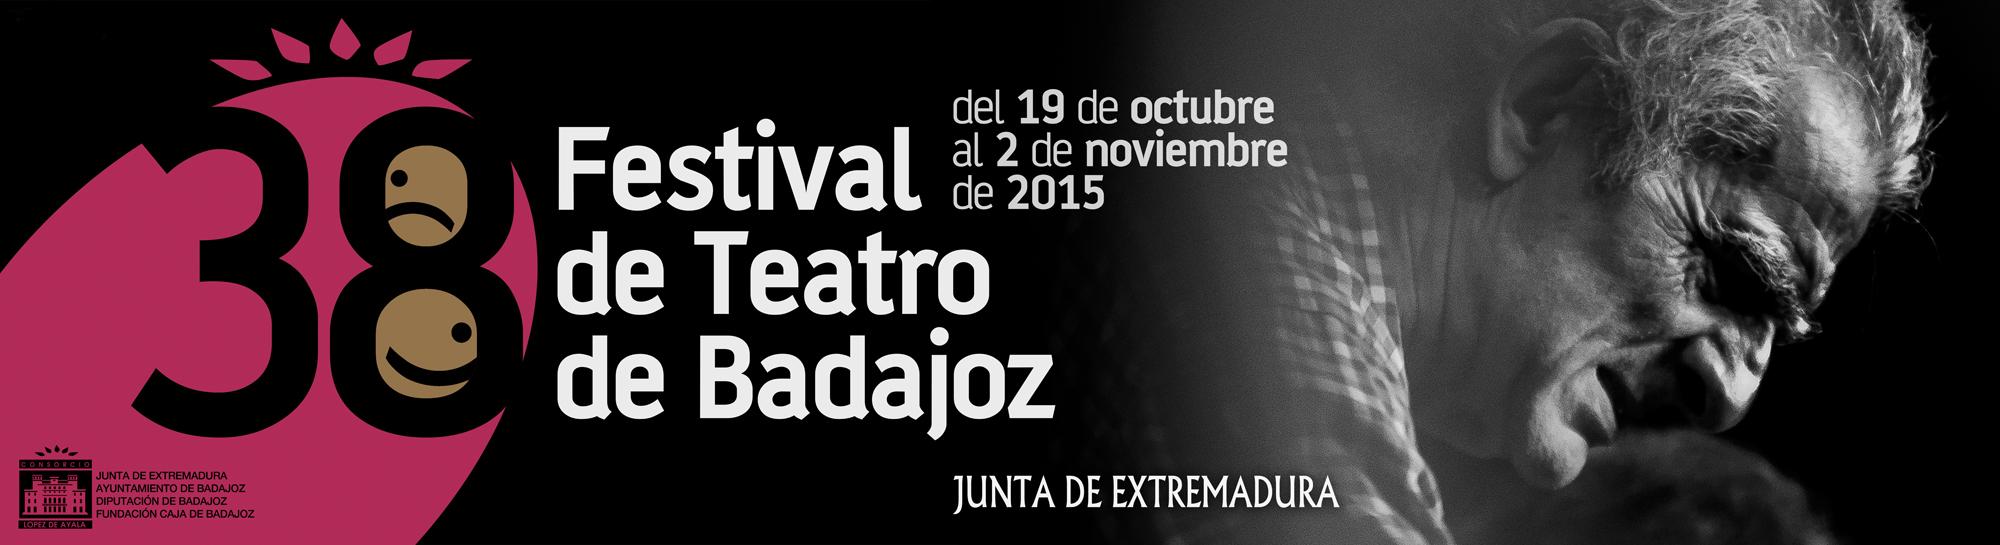 cartel-38festival-teatro-culturabadajoz